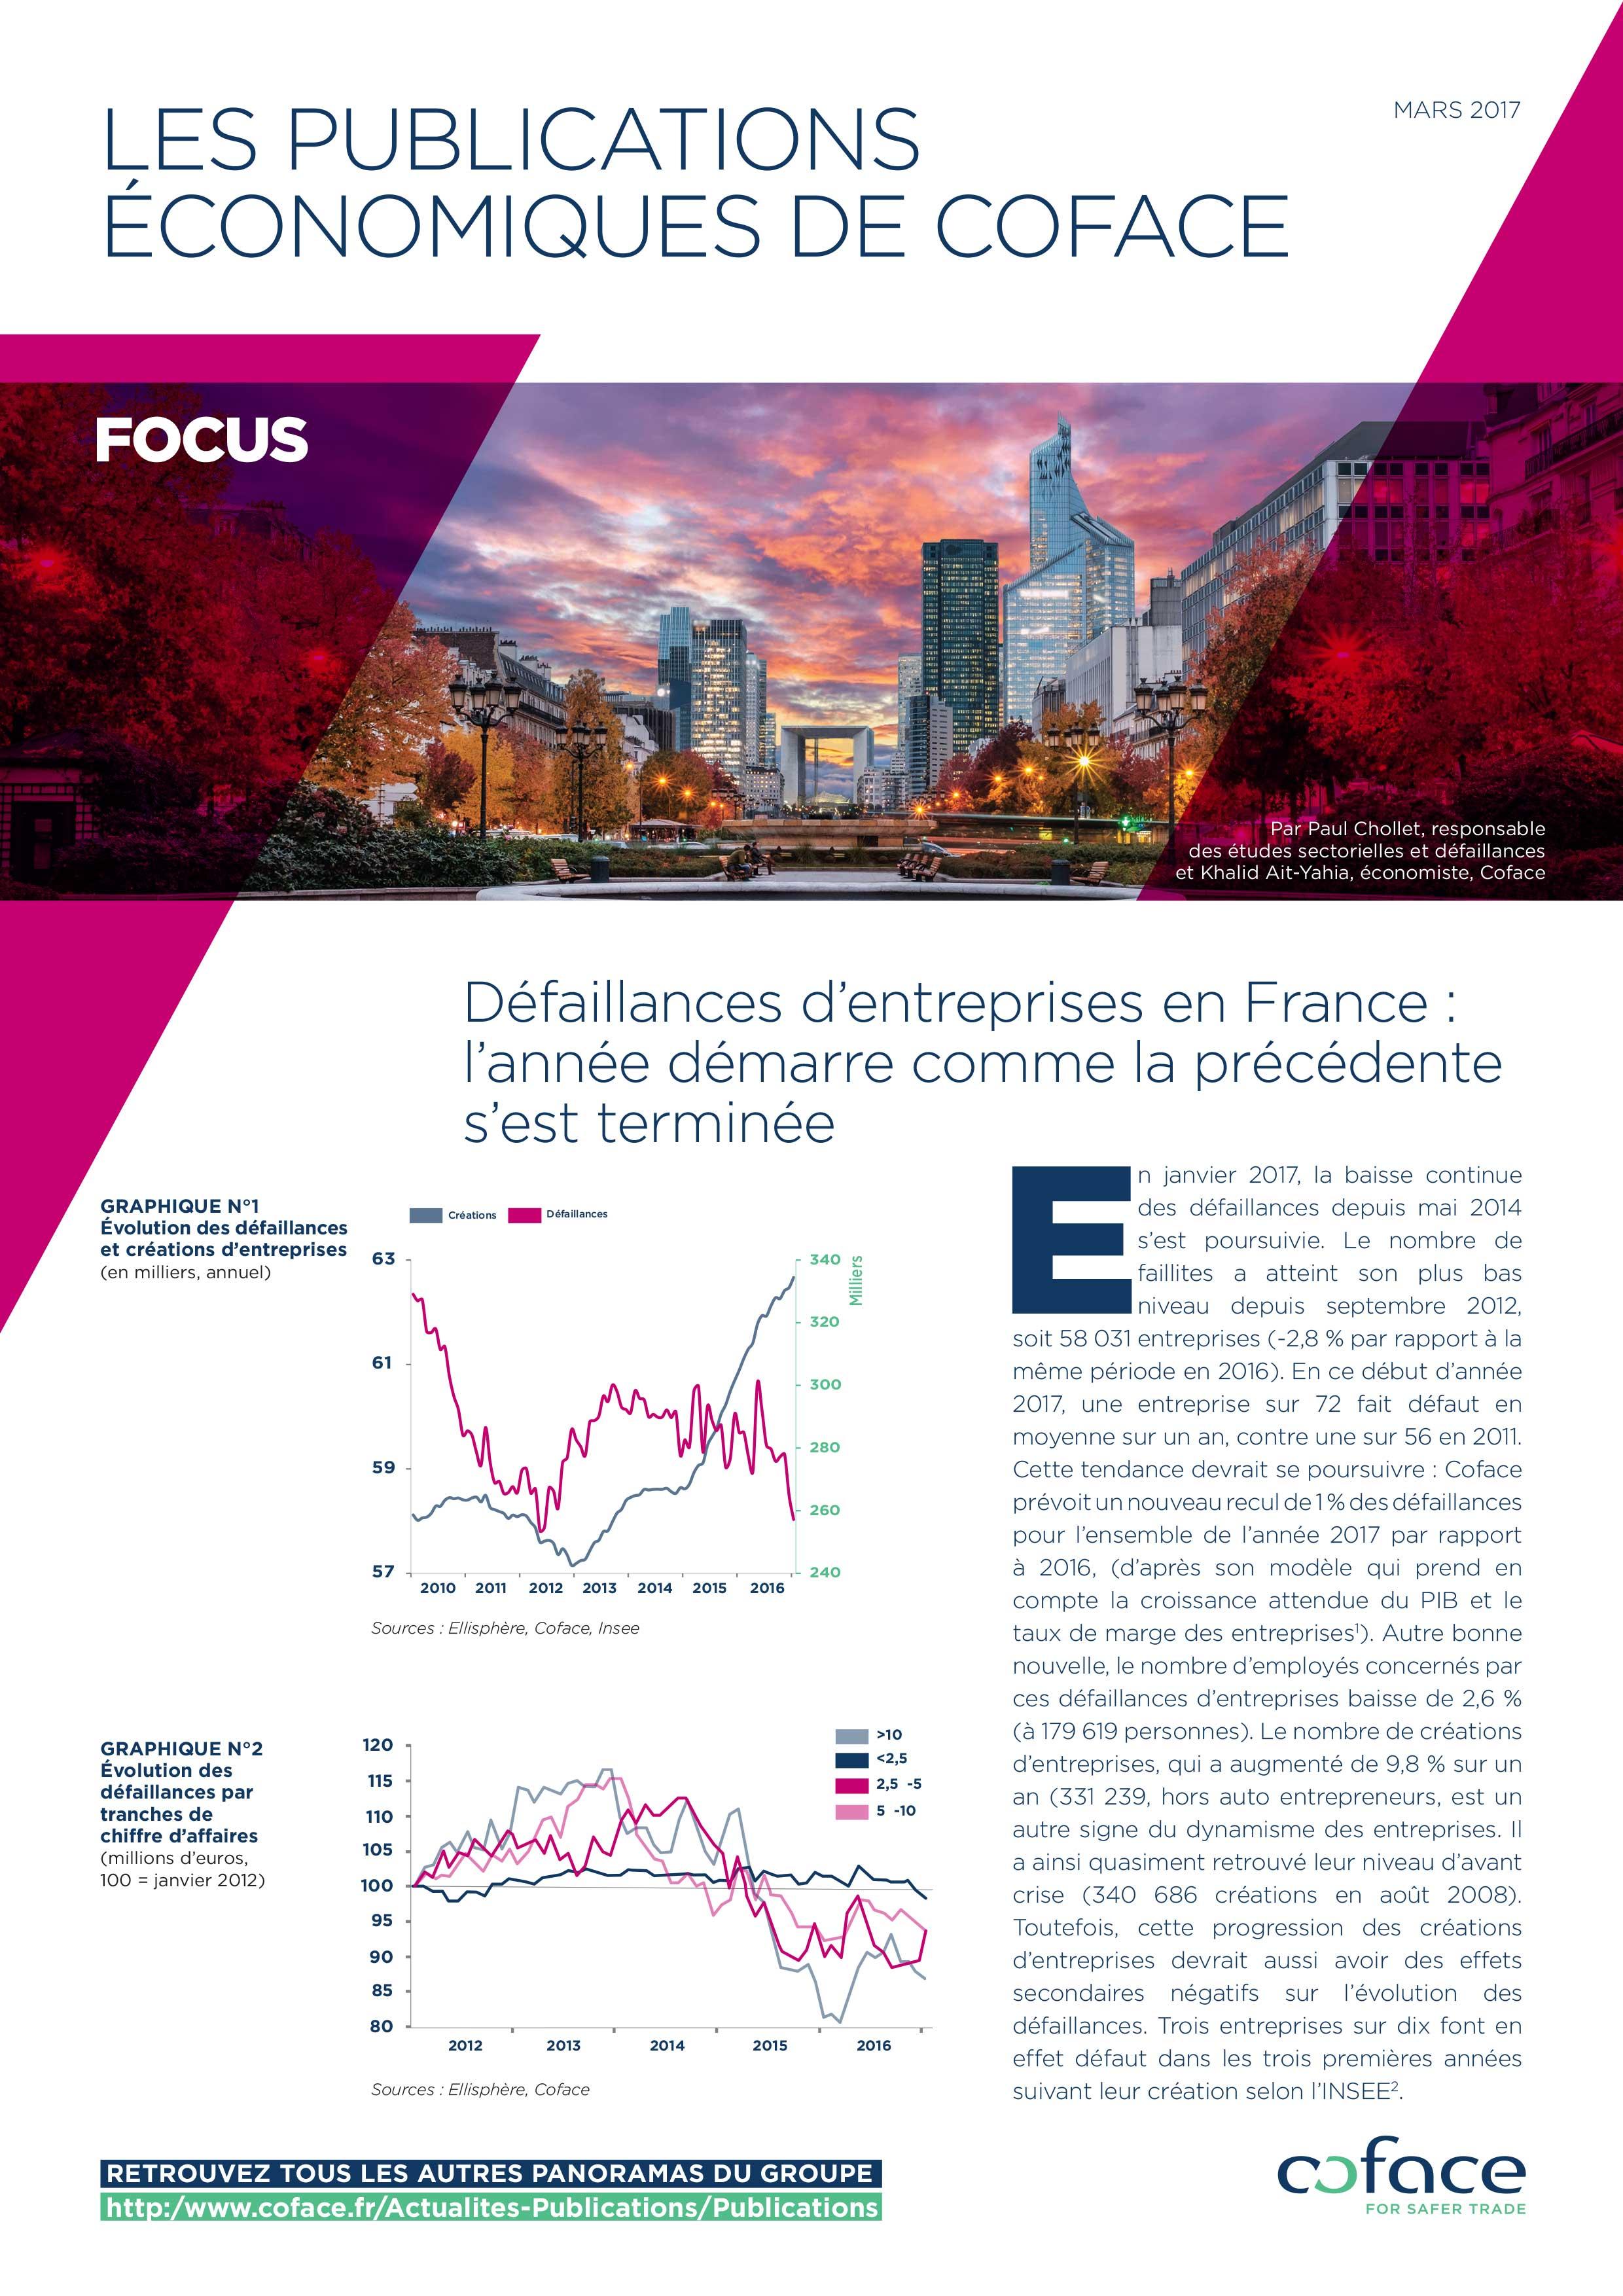 Défaillances d'entreprises en France